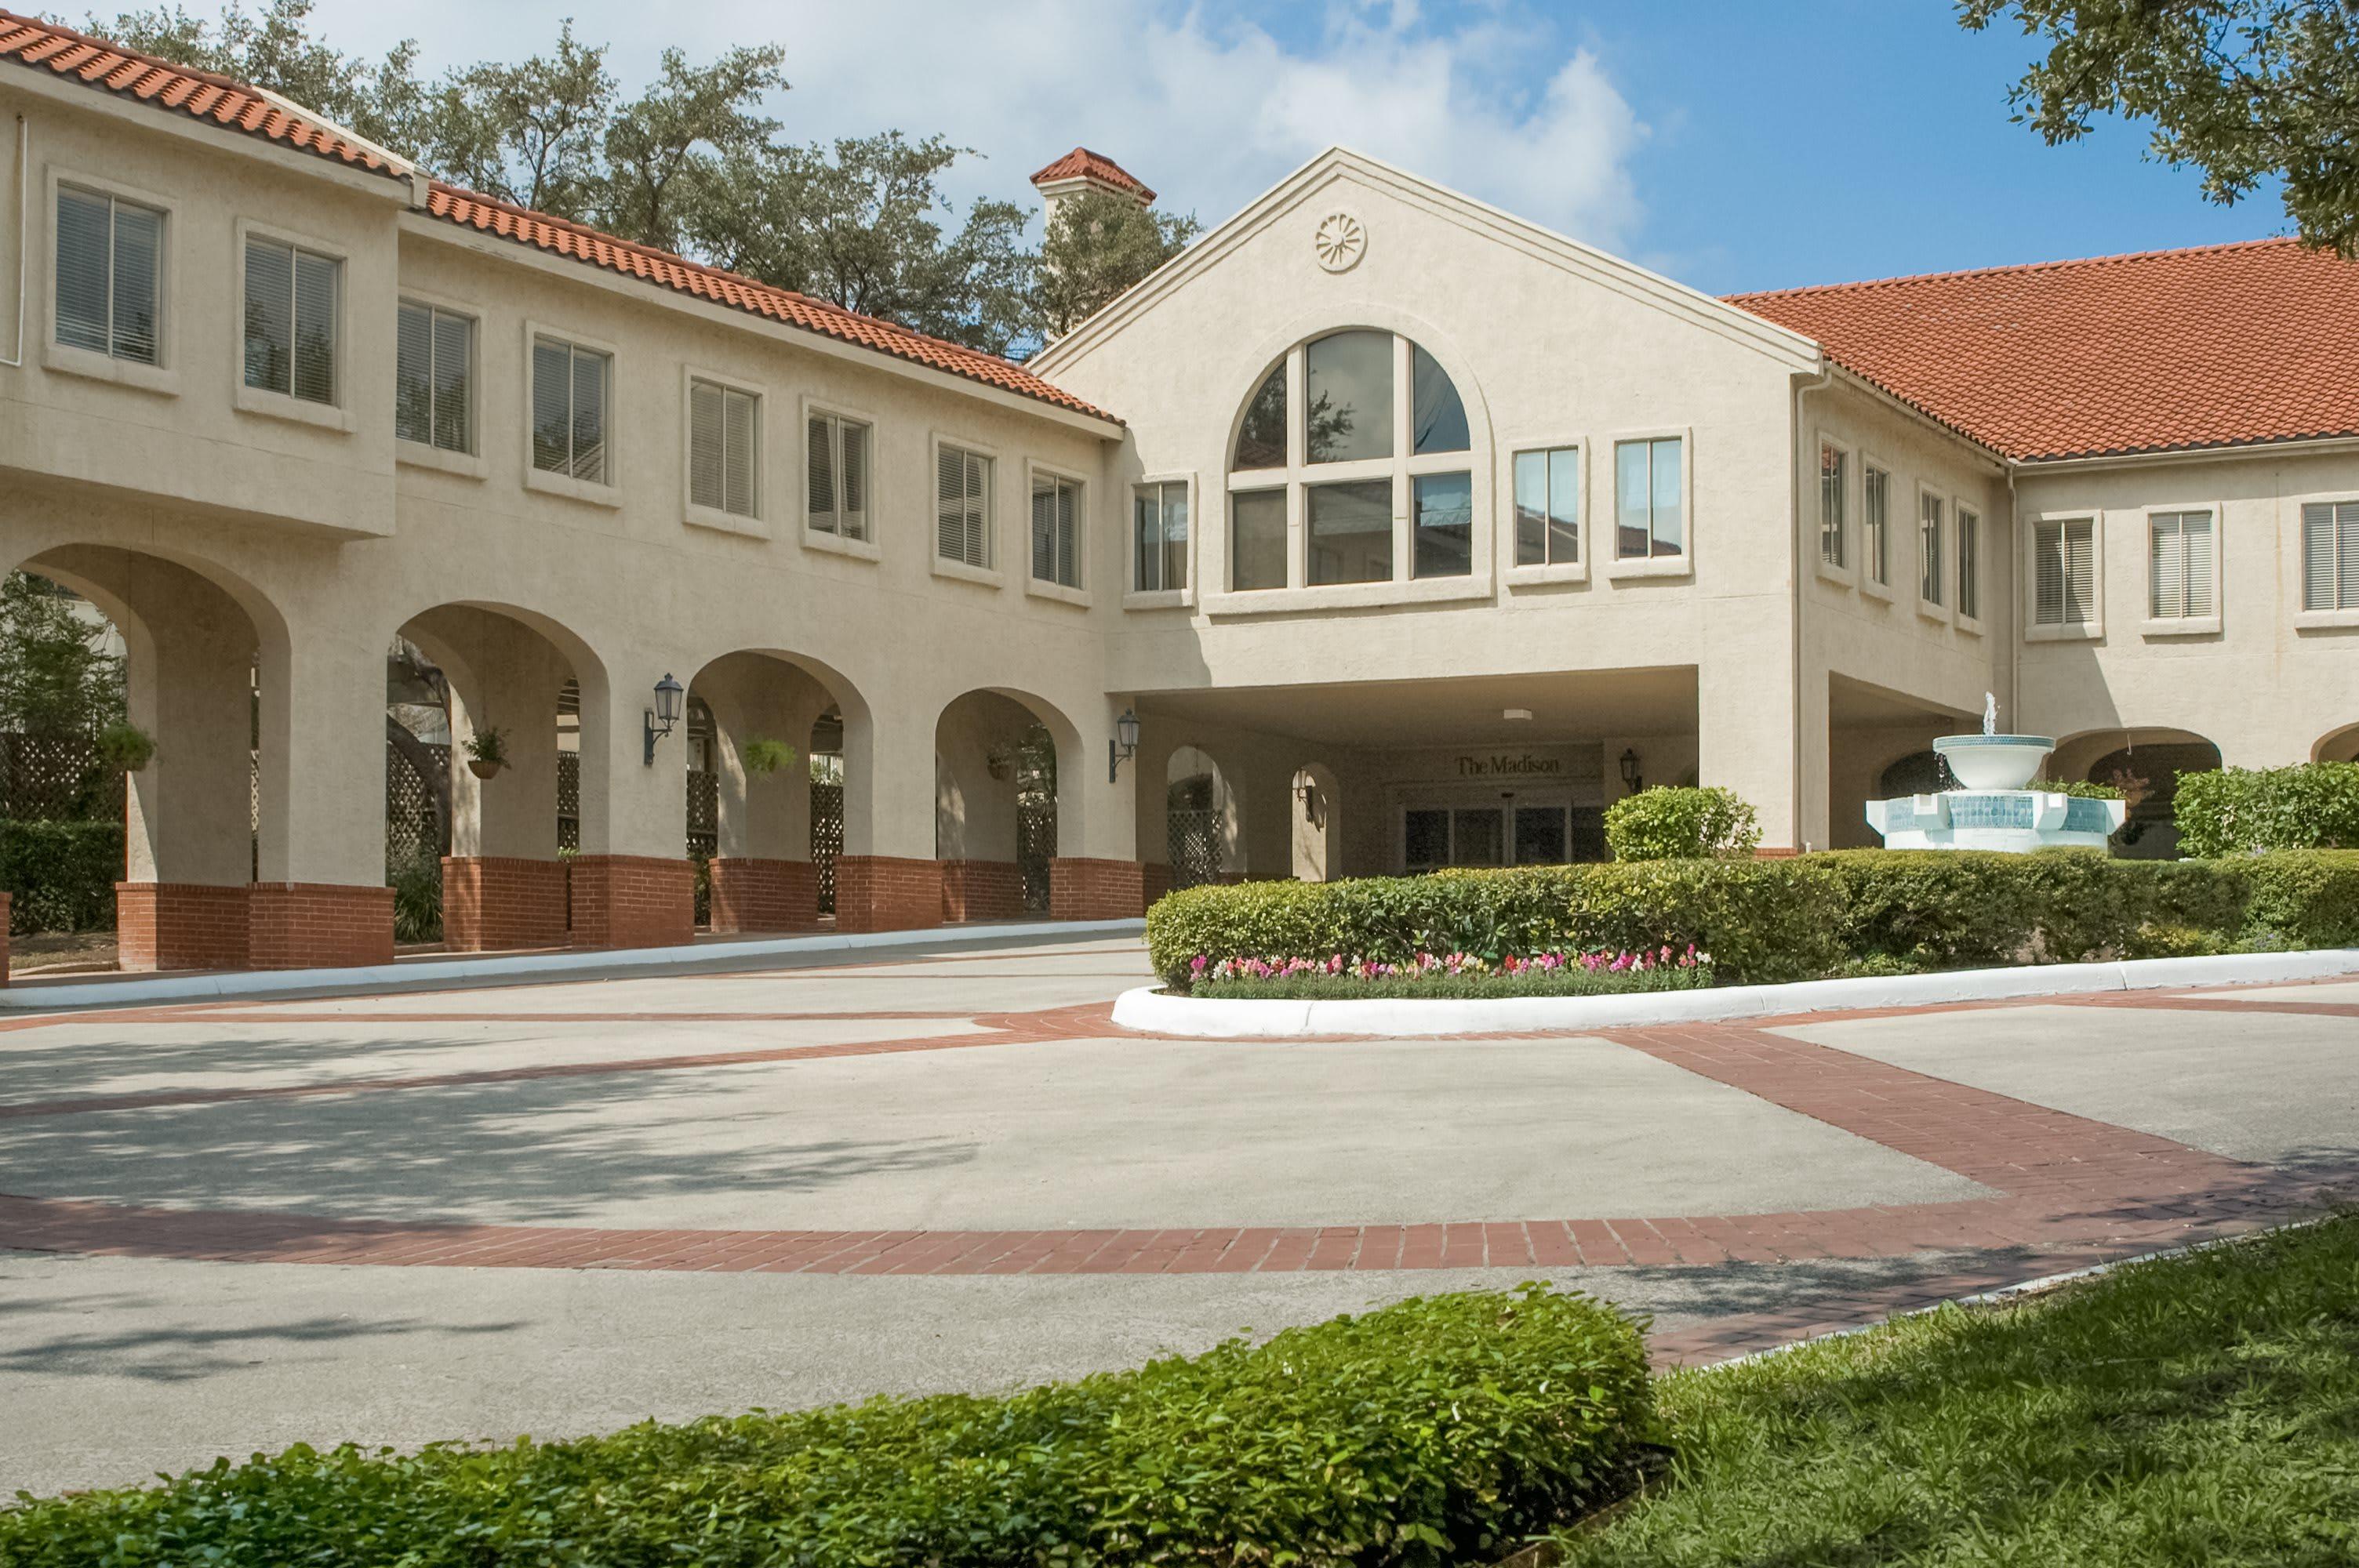 Photo 1 of Madison Estates